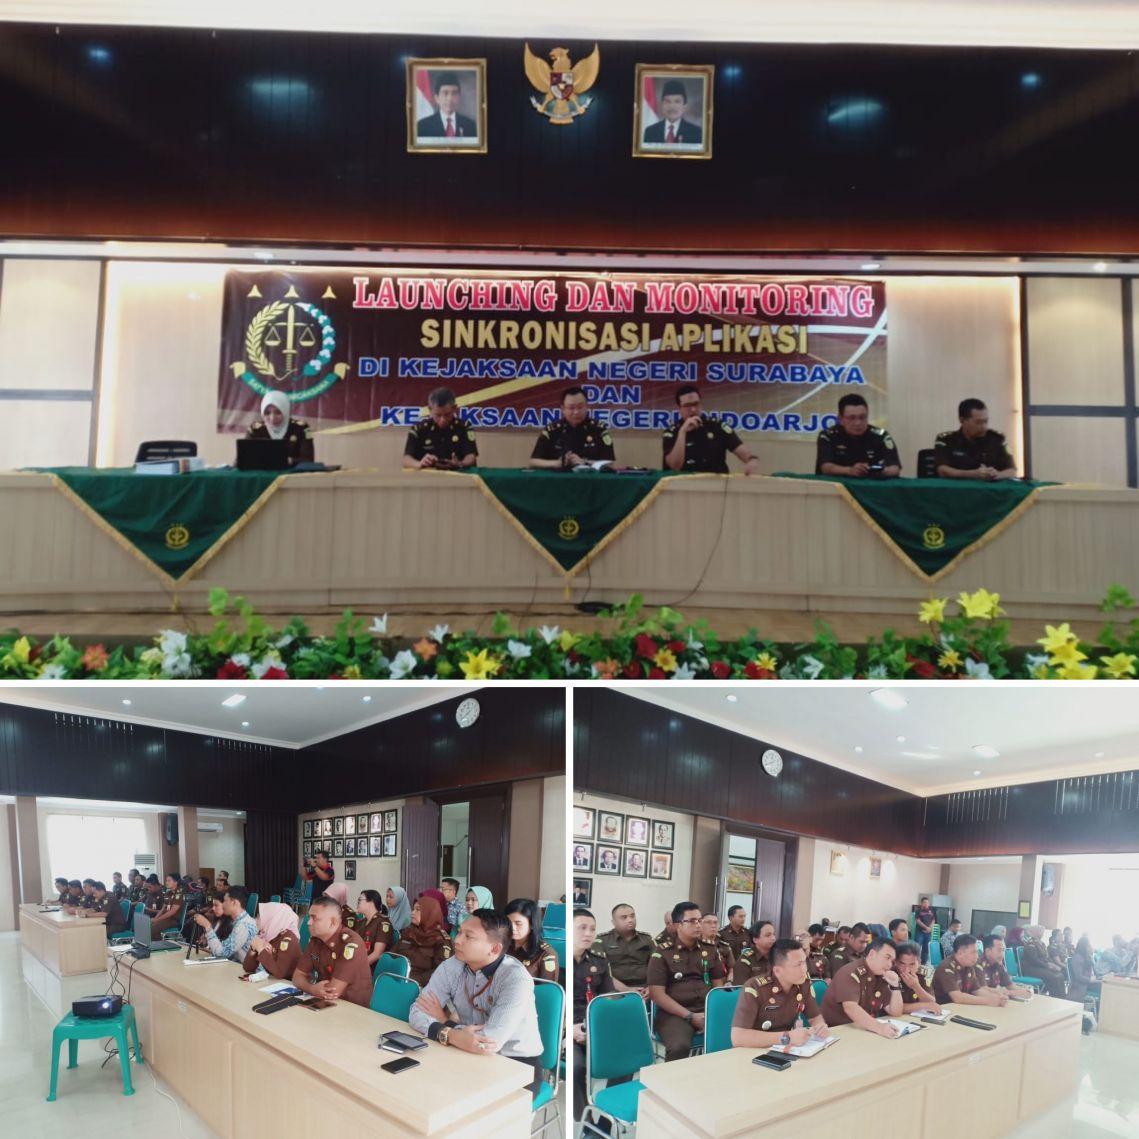 Kunjungan Inspektur Narkotika dan Zat Adiktif Lainnya dari Kejaksaan Agung RI di Kejari Surabaya 13-05-2019